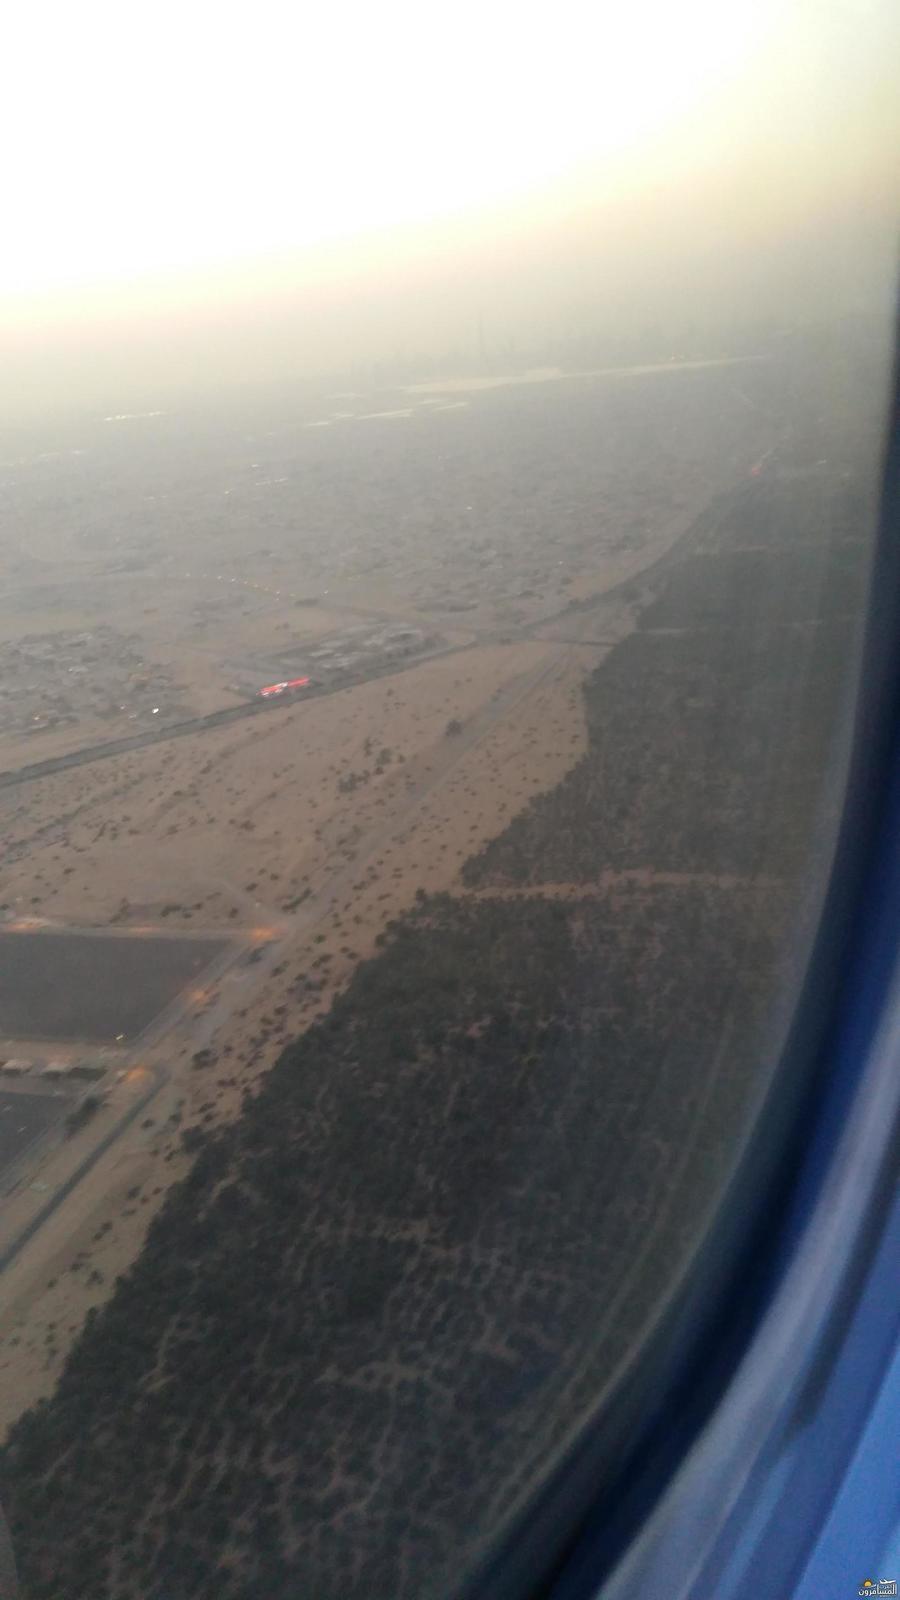 655148 المسافرون العرب نبذة عن الميقات